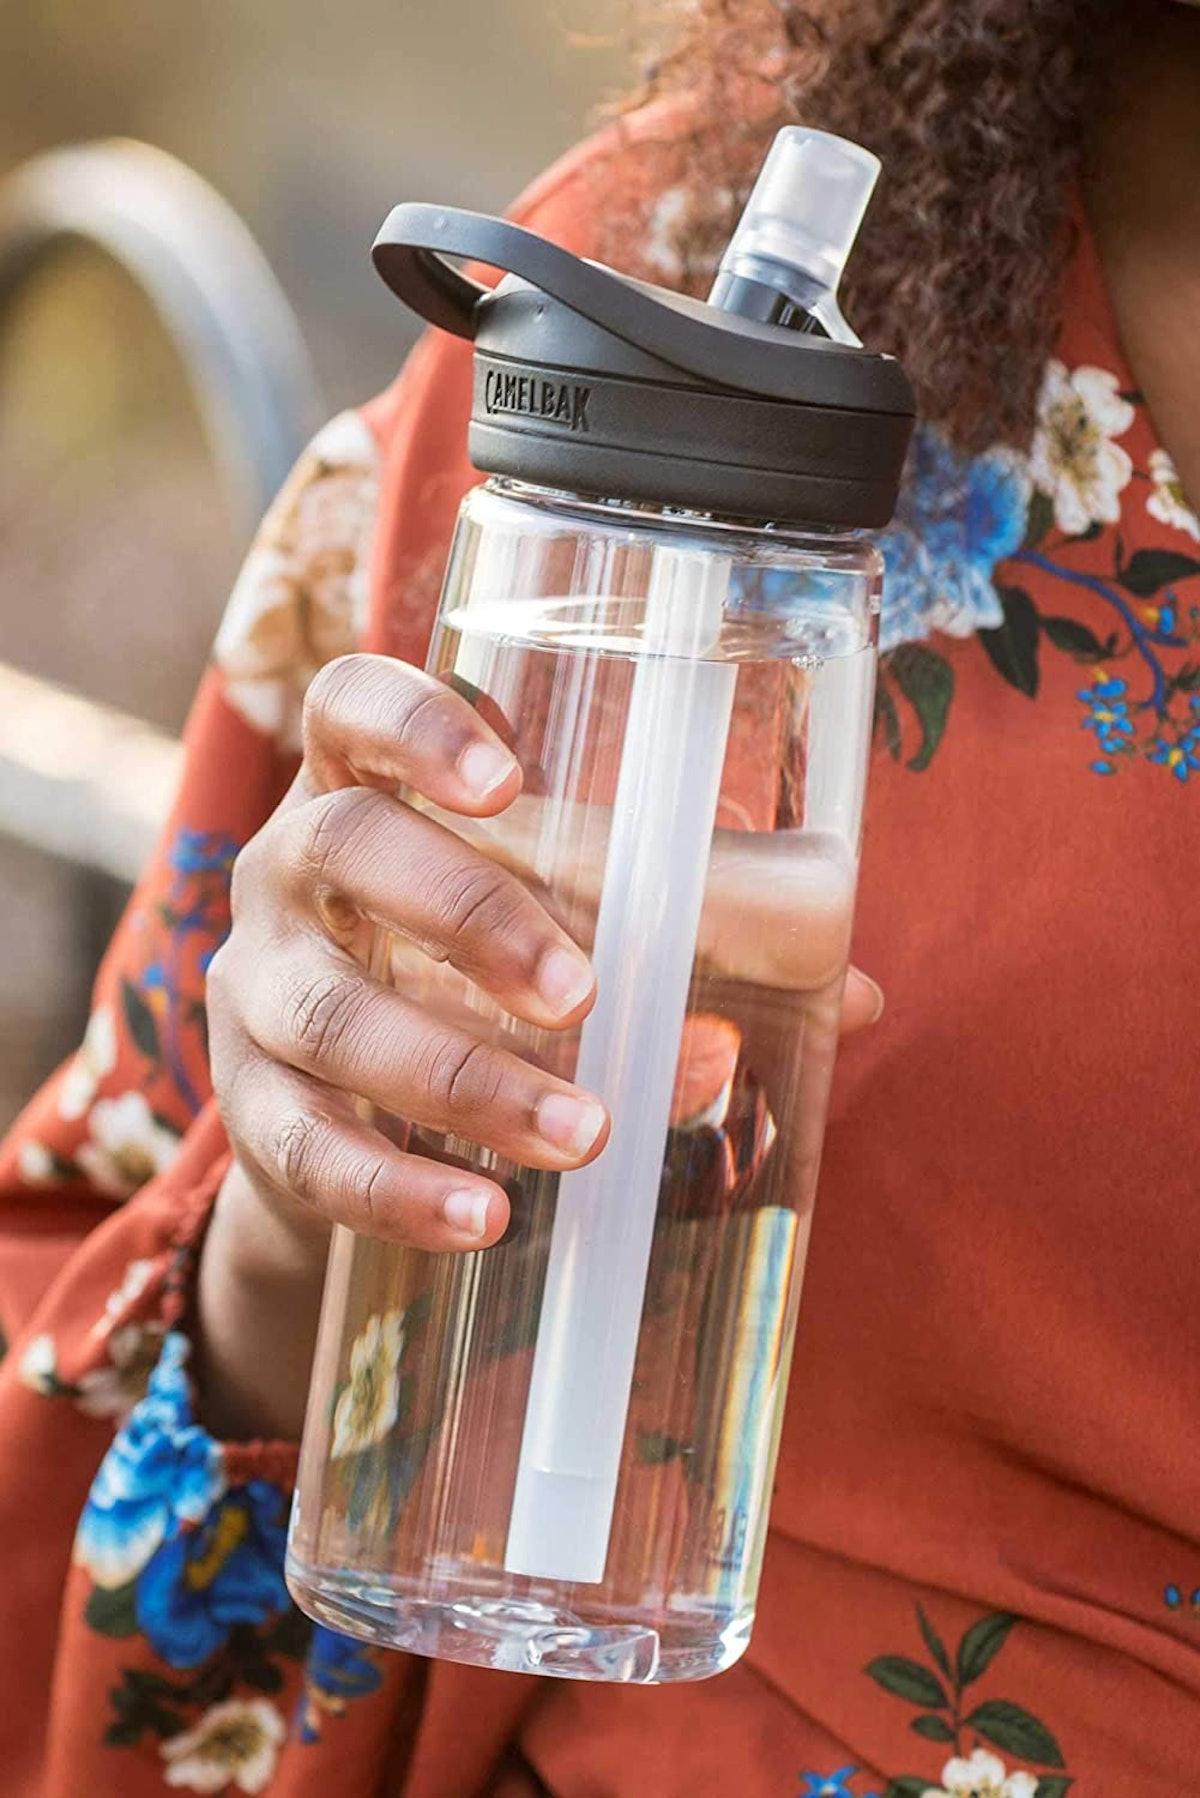 CamelBak Eddy+ BPA-Free Water Bottle (25 Oz.)